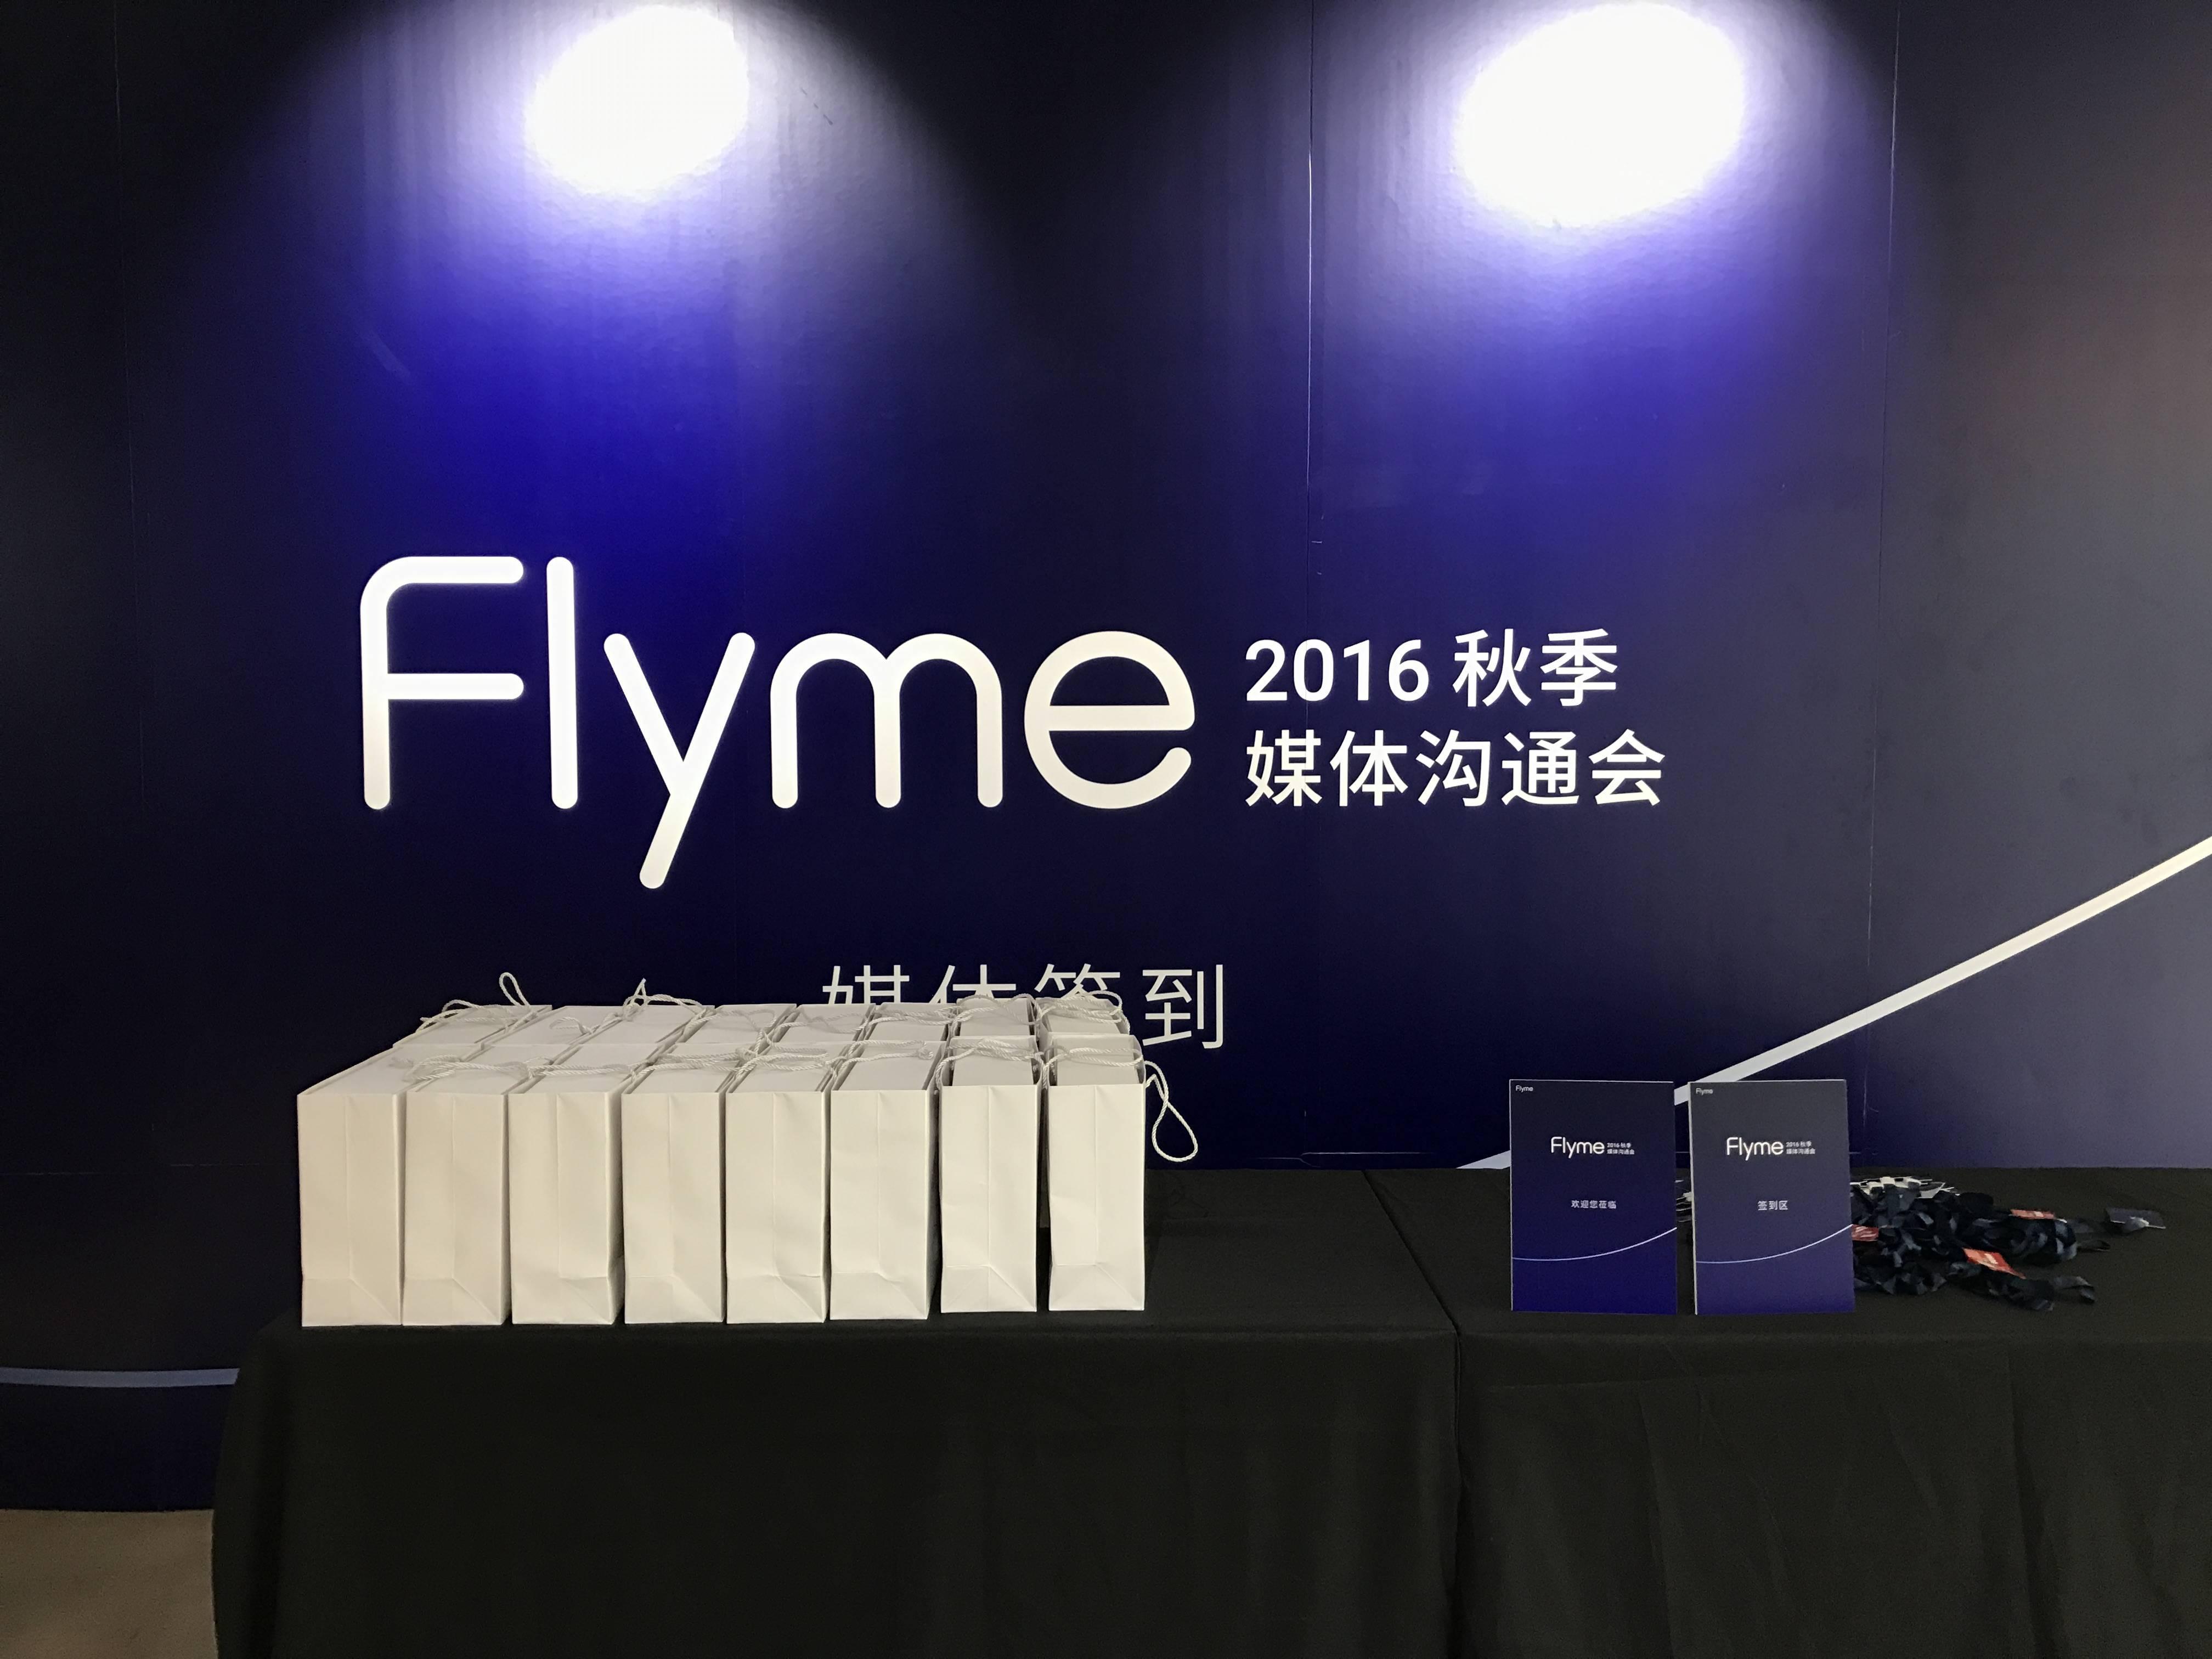 深圳で行われた媒体向け説明会にて「Flyme for TV」、「Flyme for Tab」を発表